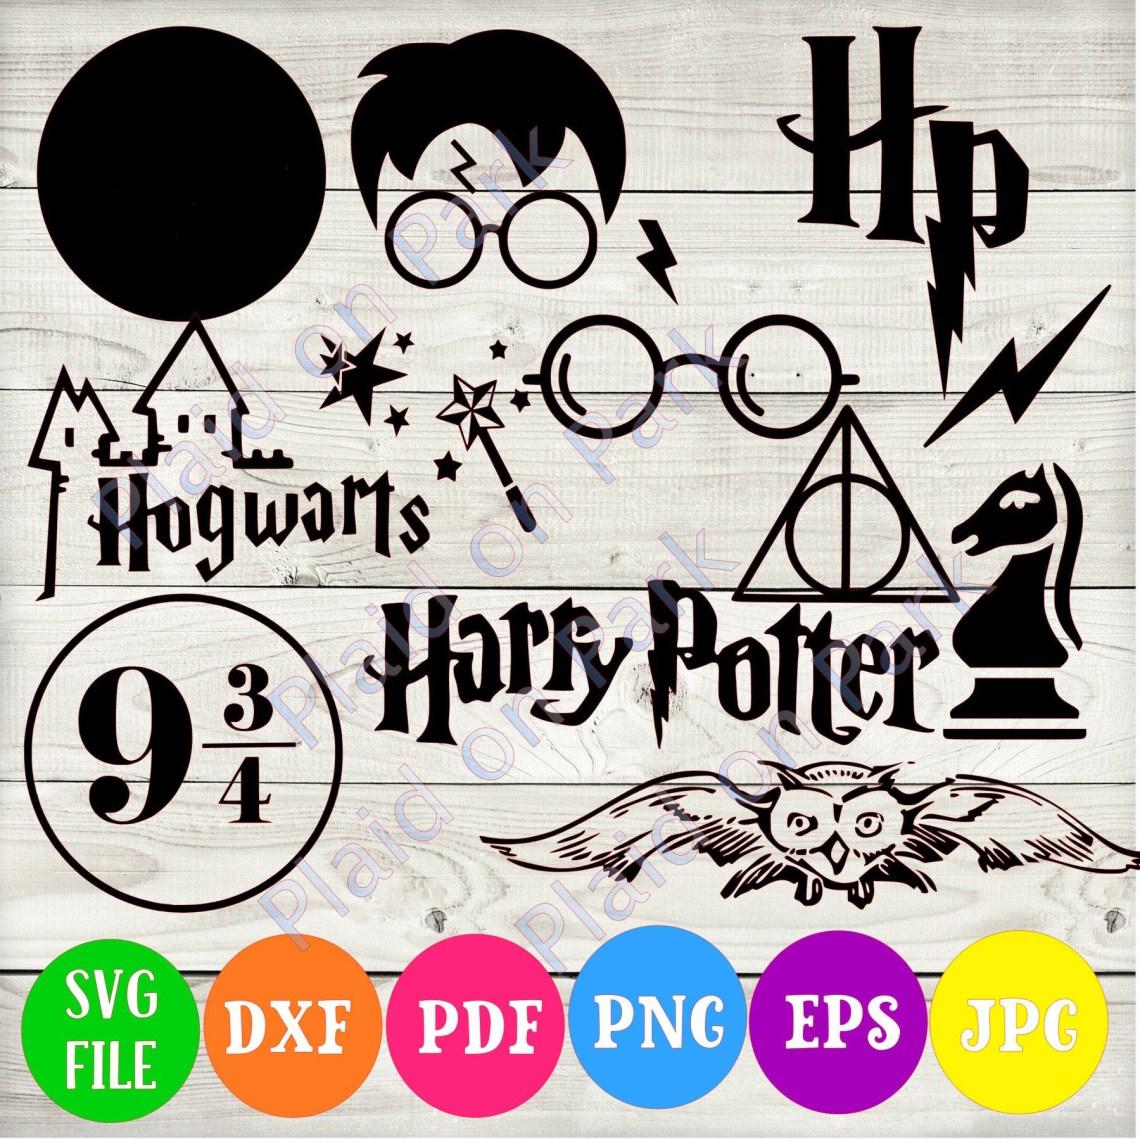 Download Harry Potter SVG, Hogwarts Png, Dxf, eps, pdf • Onyx Prints